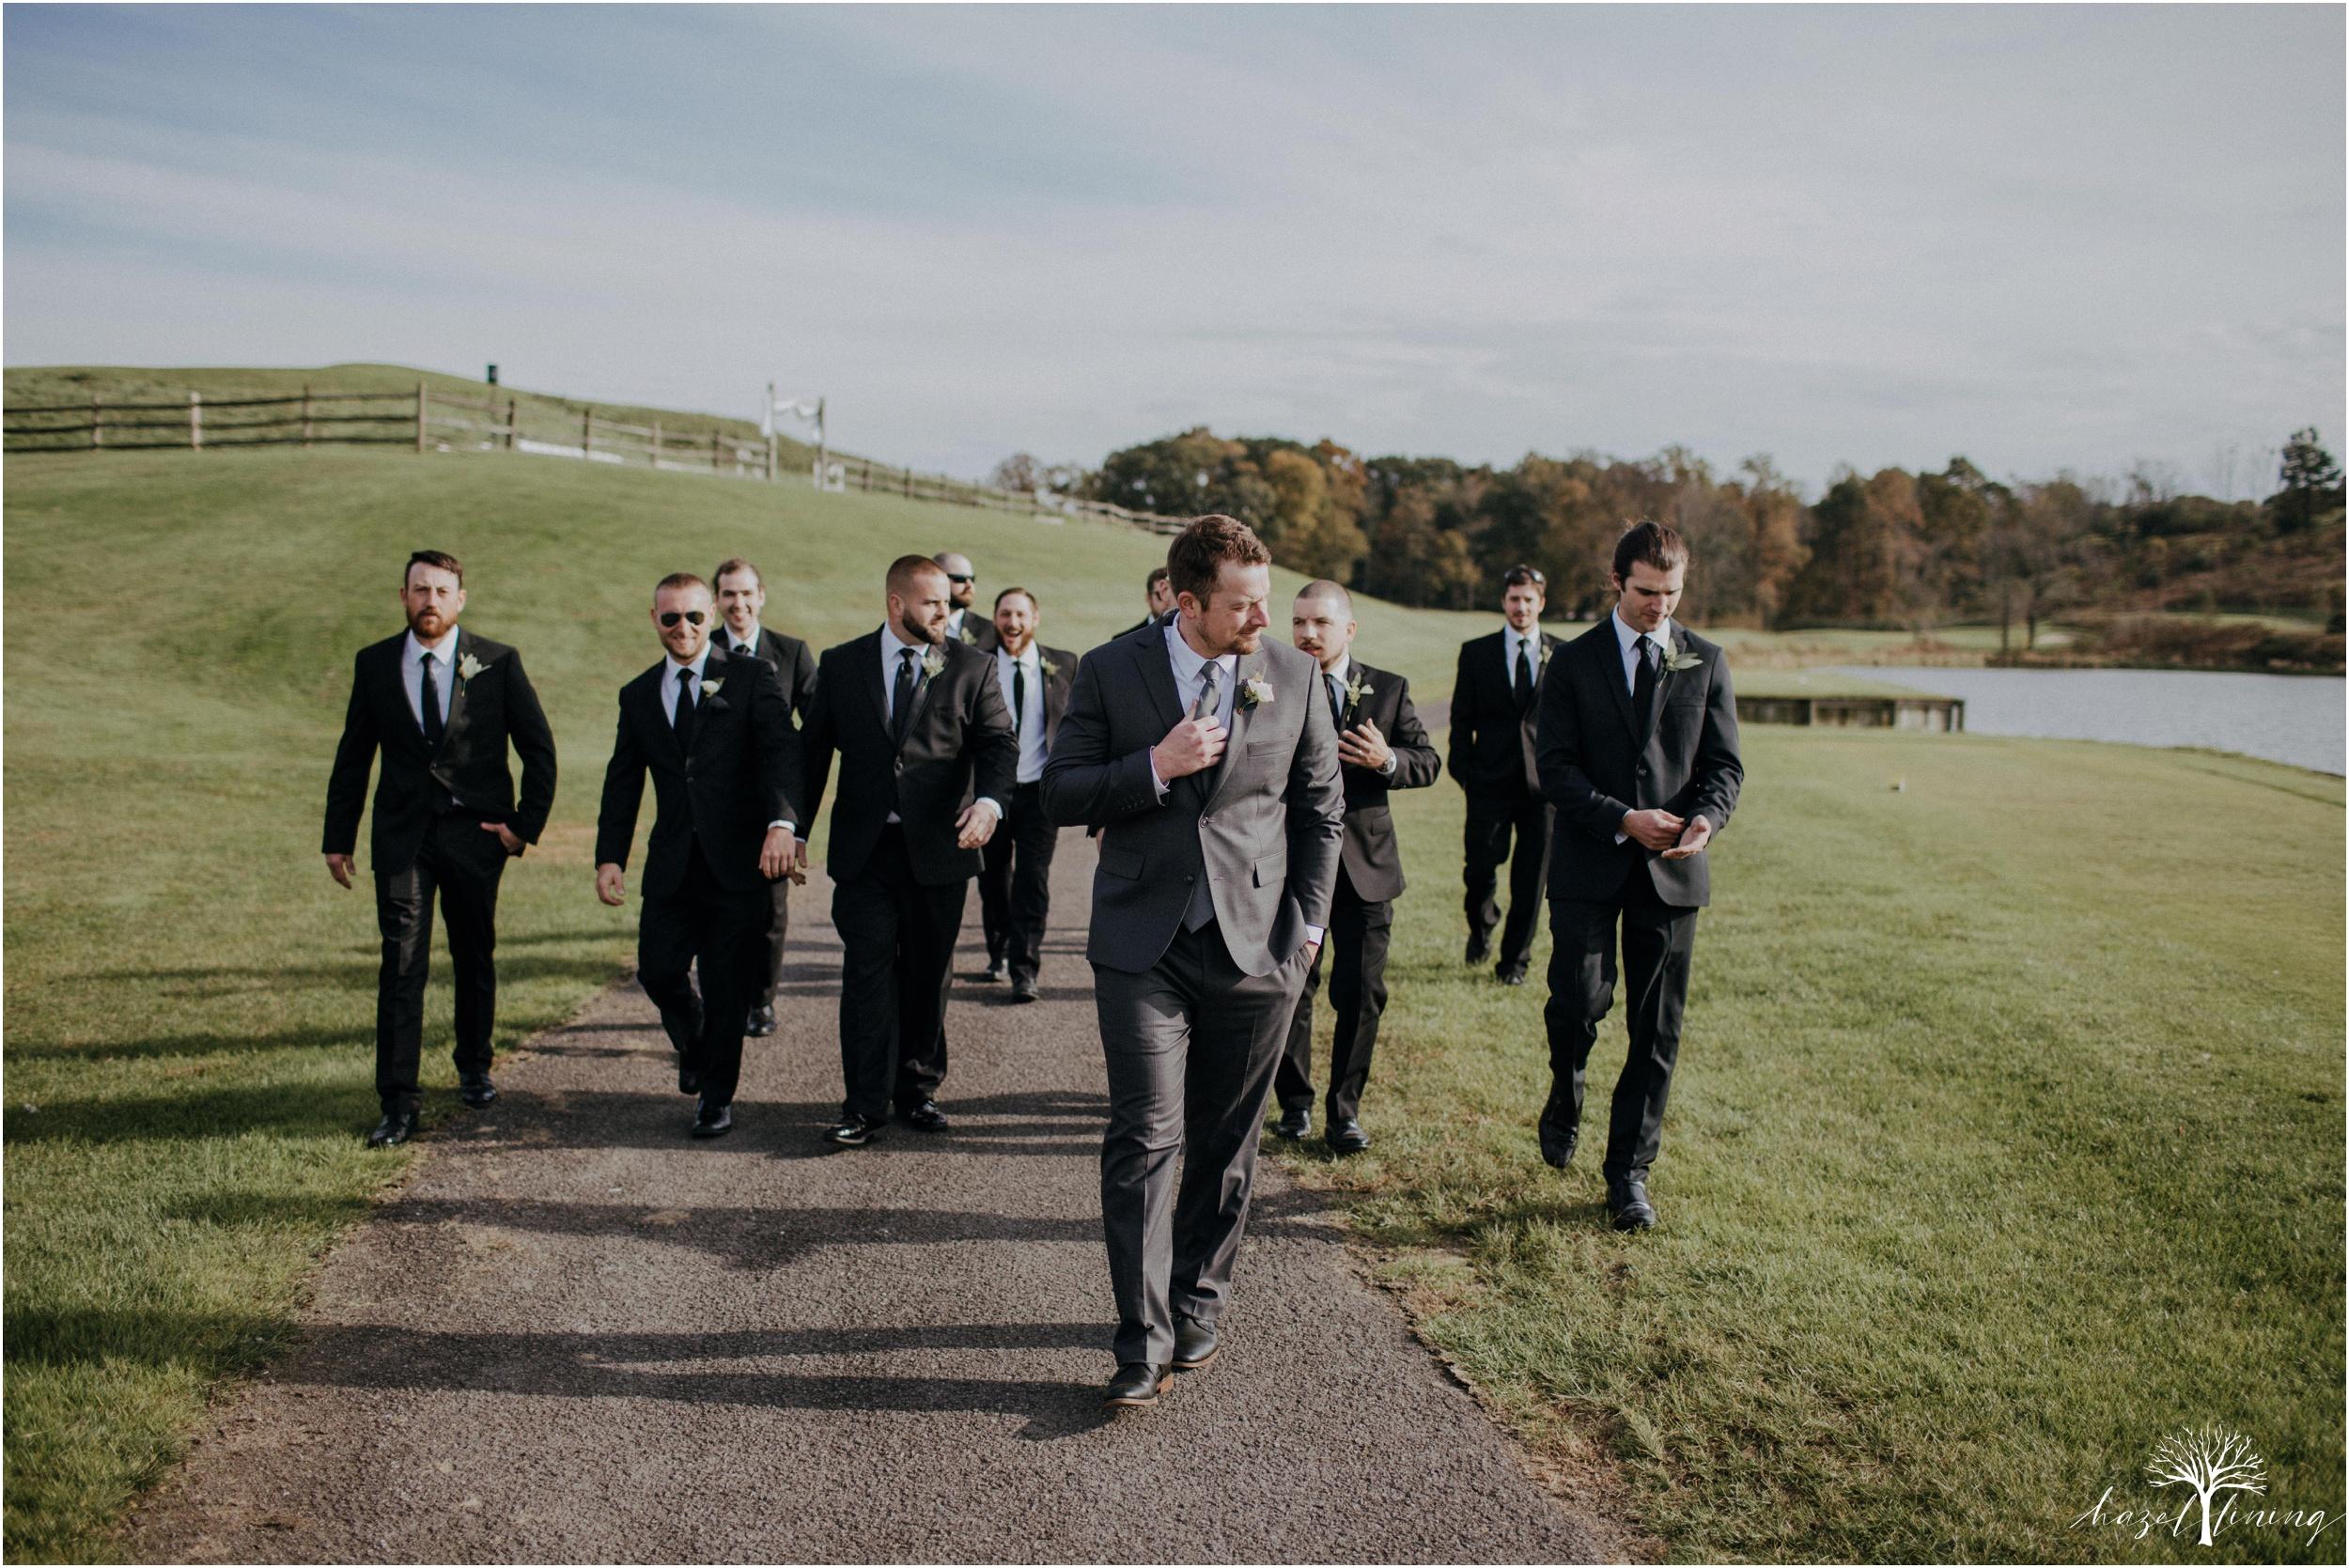 jessie-martin-zach-umlauf-olde-homestead-golfclub-outdoor-autumn-wedding_0057.jpg